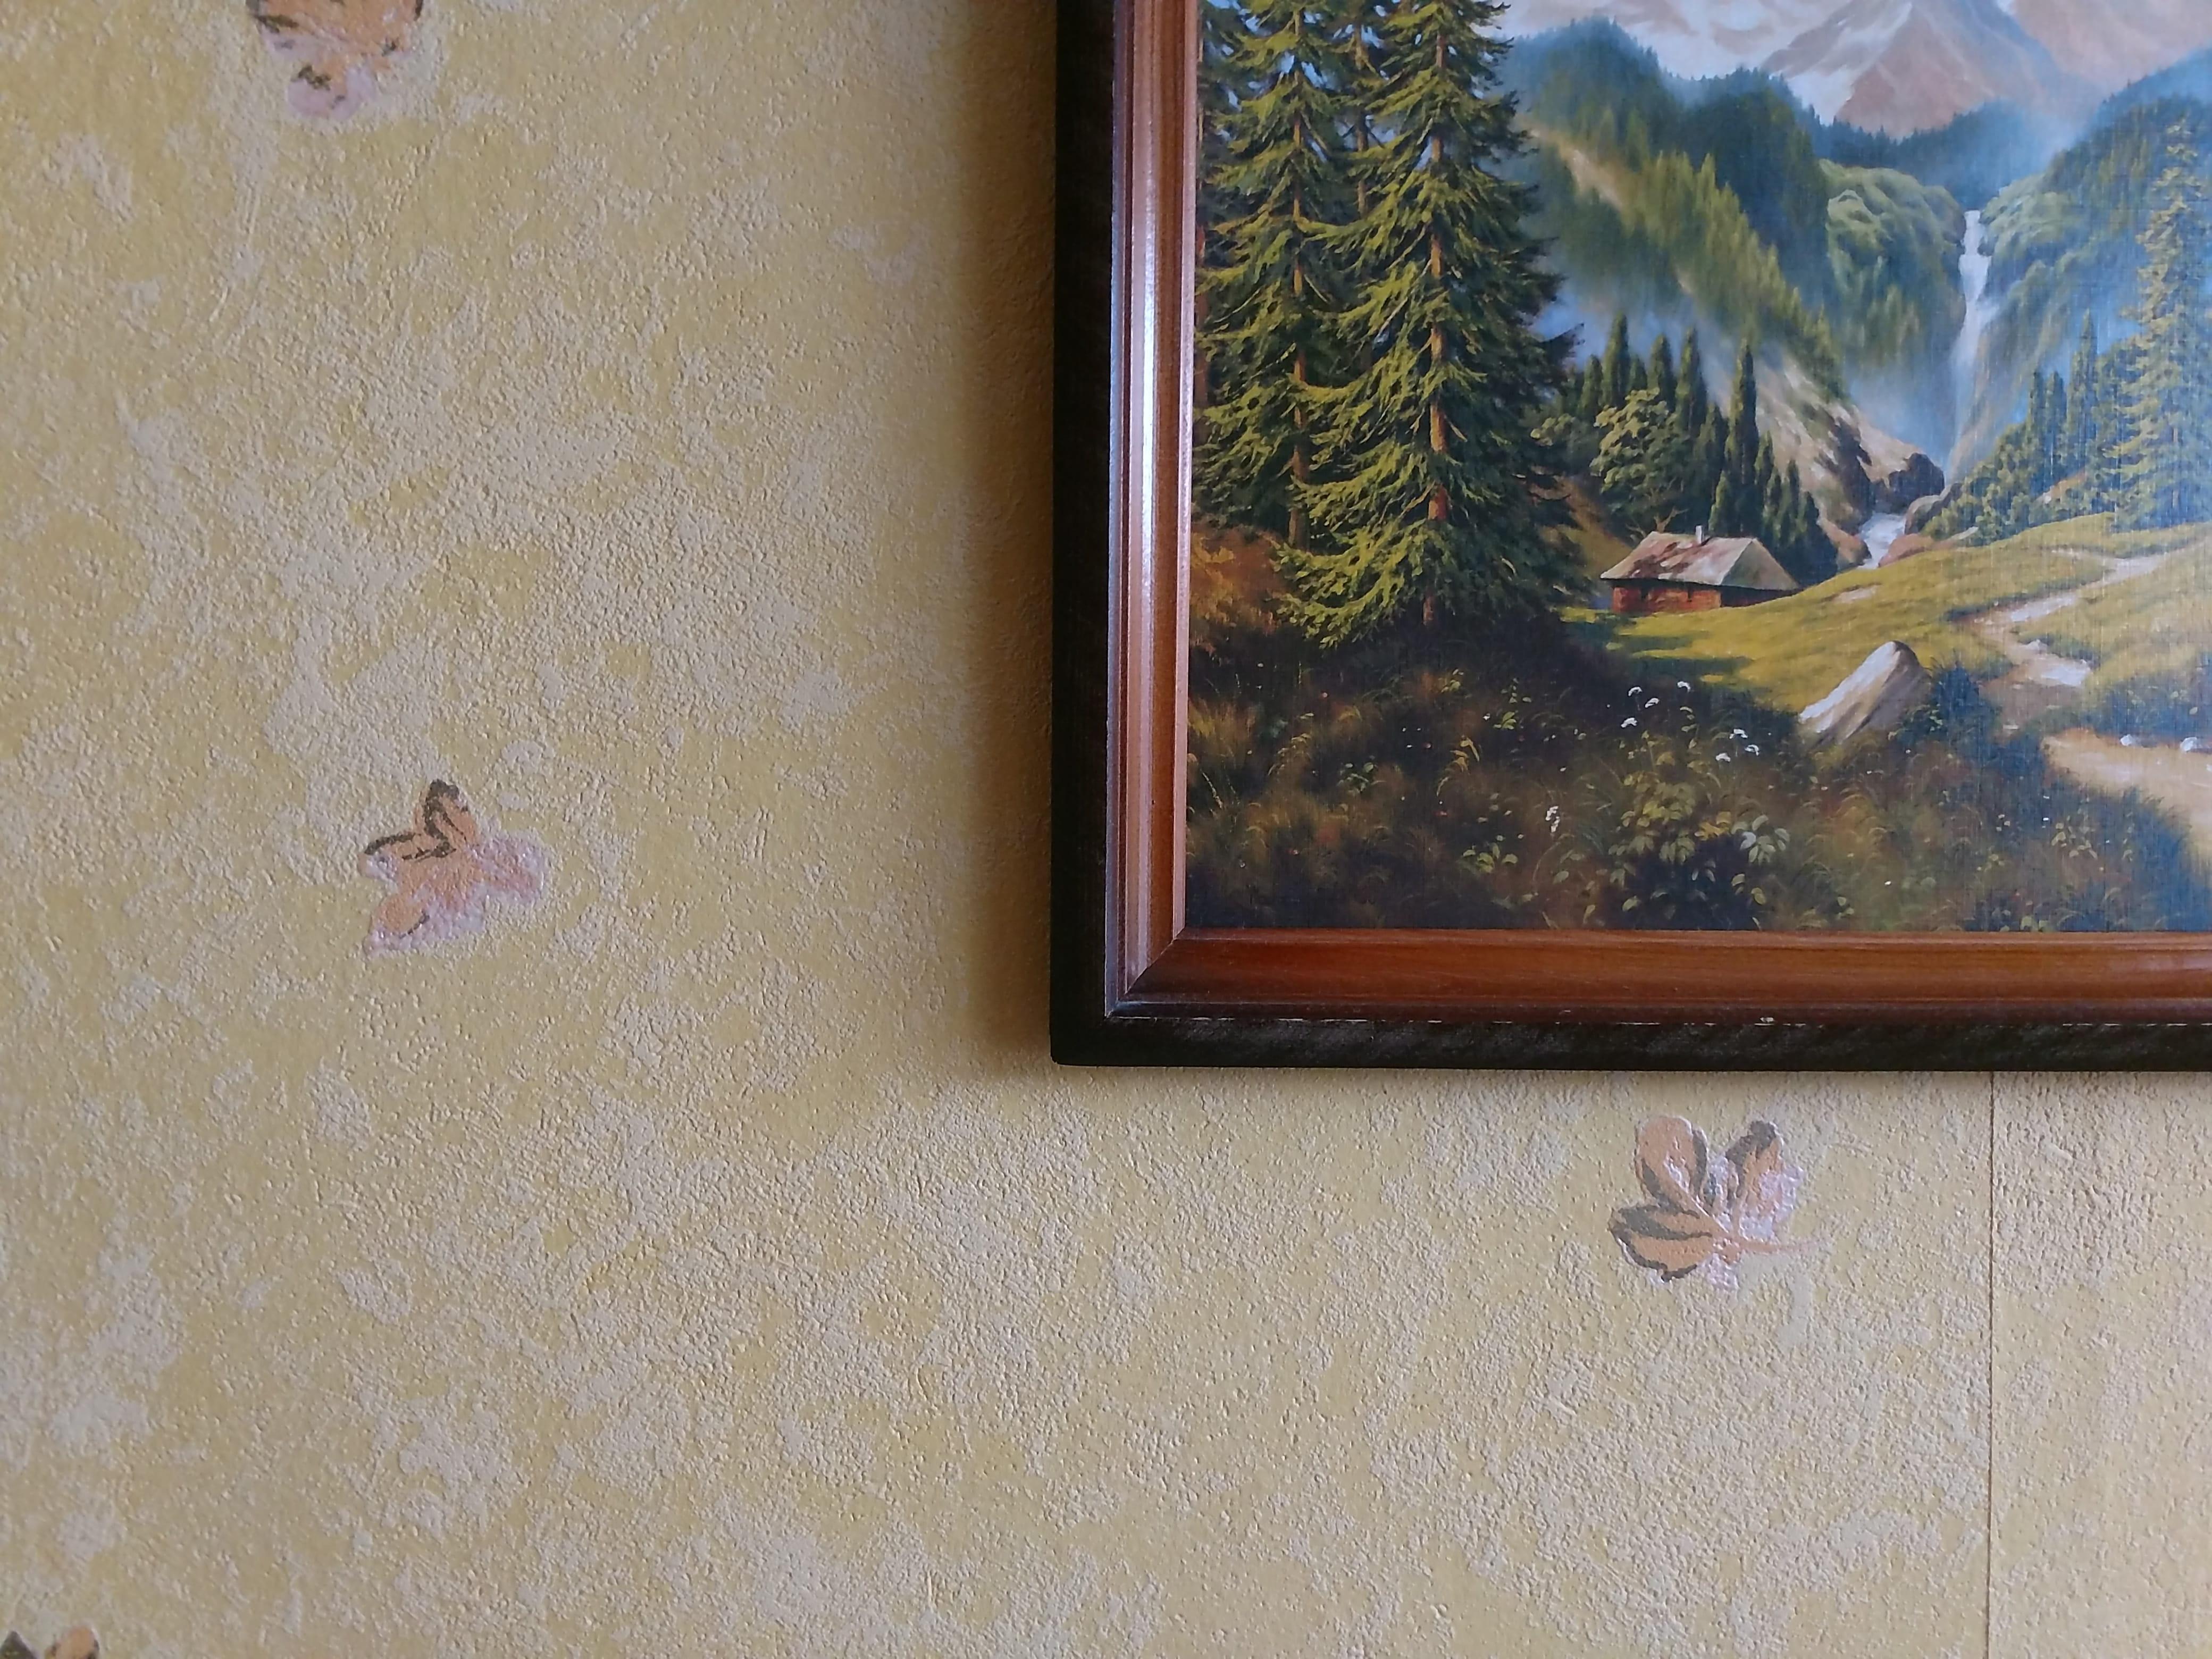 Zdjęcia w pomieszczeniu - Motorola Moto Z